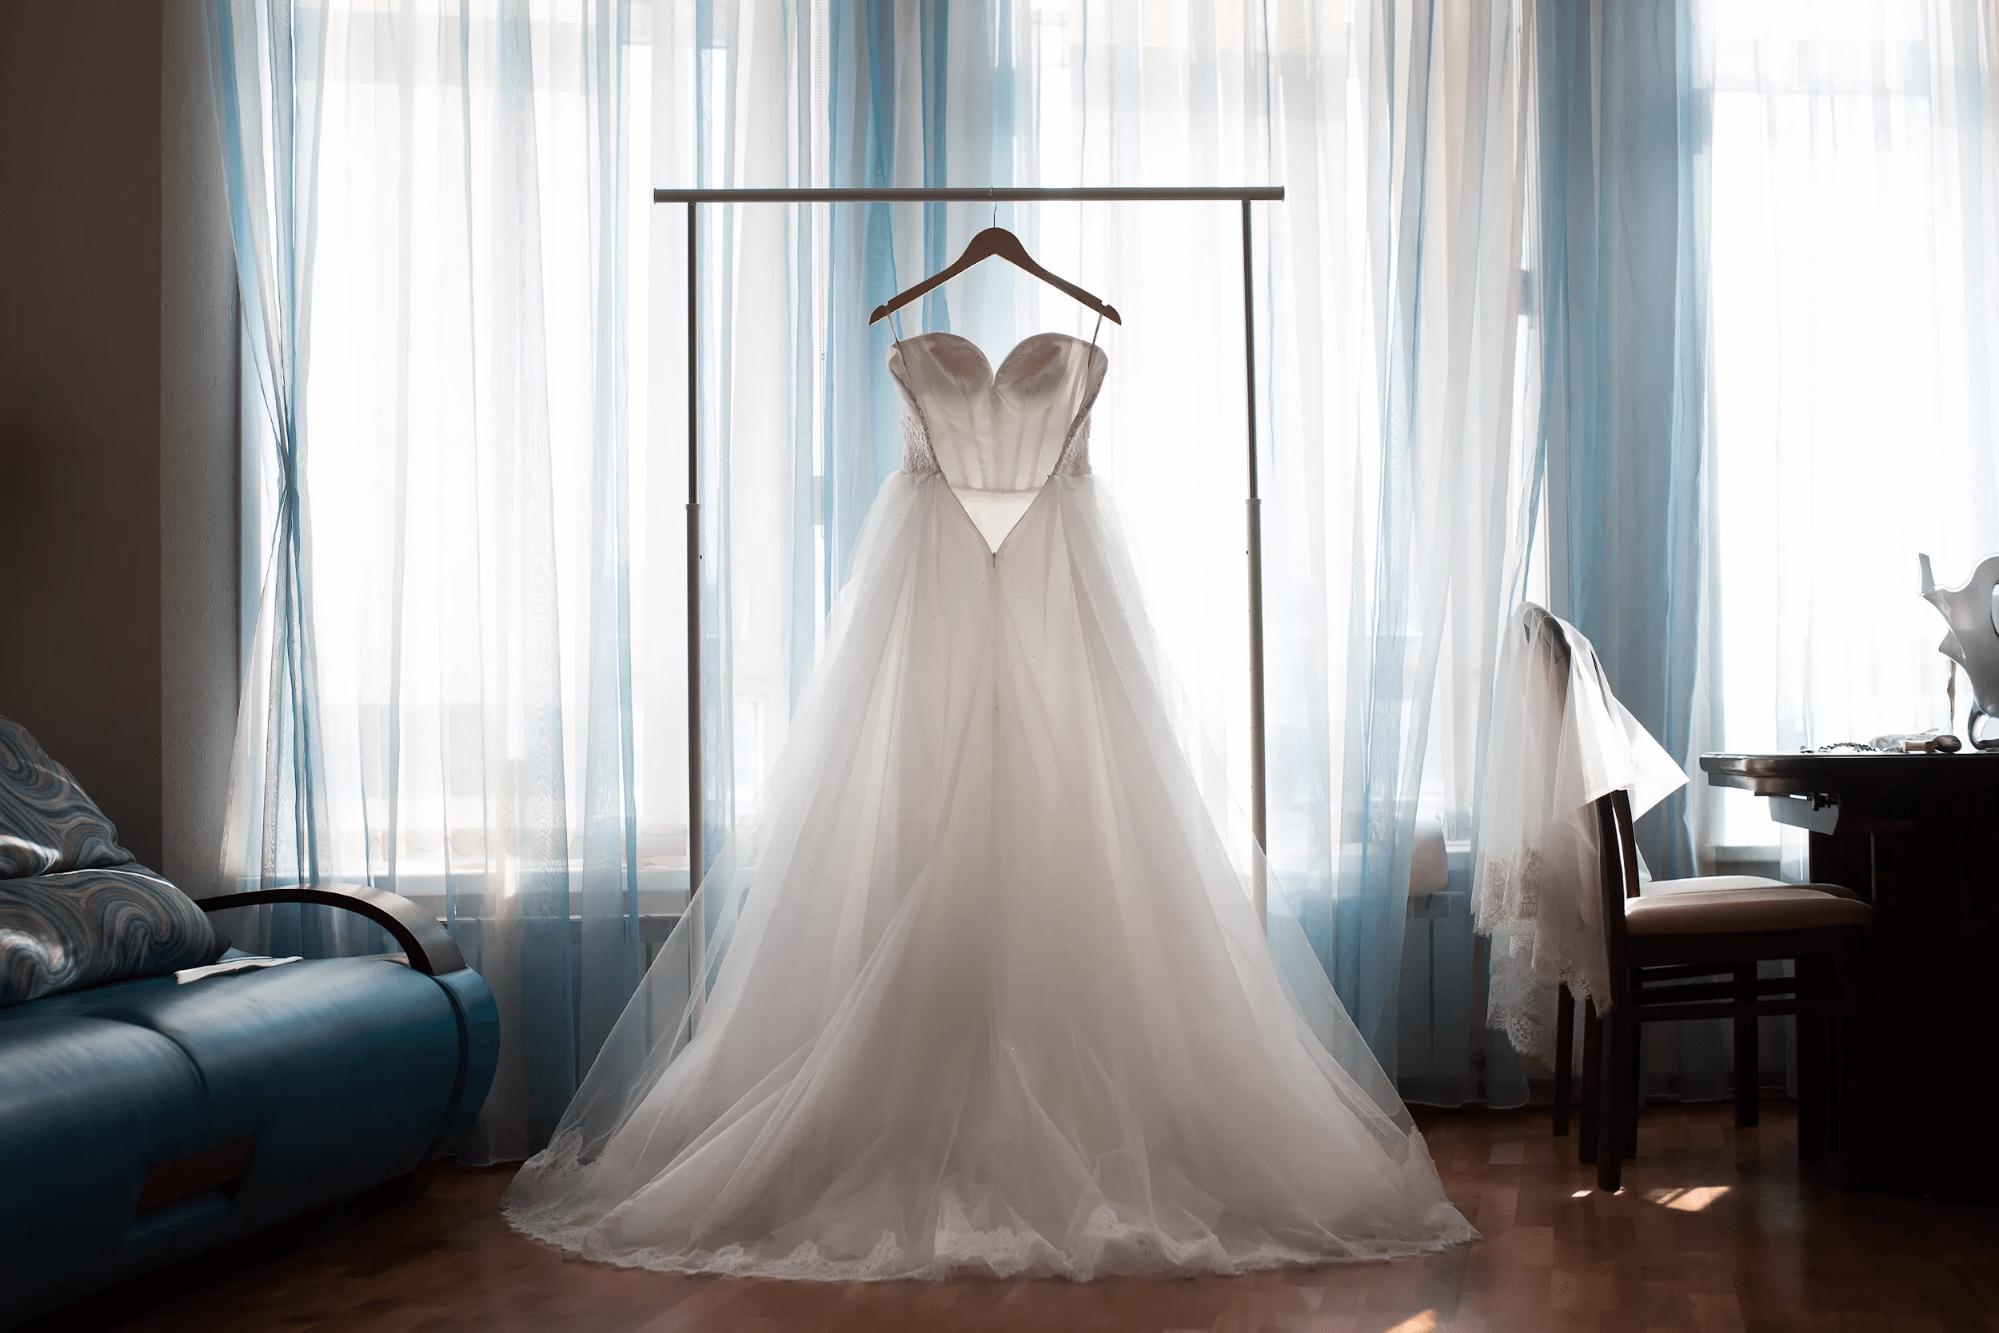 «Красивое. Да, когда-нибудь у меня будет свадьба и я надену такое платье. А может, и не его. Пойду поем»